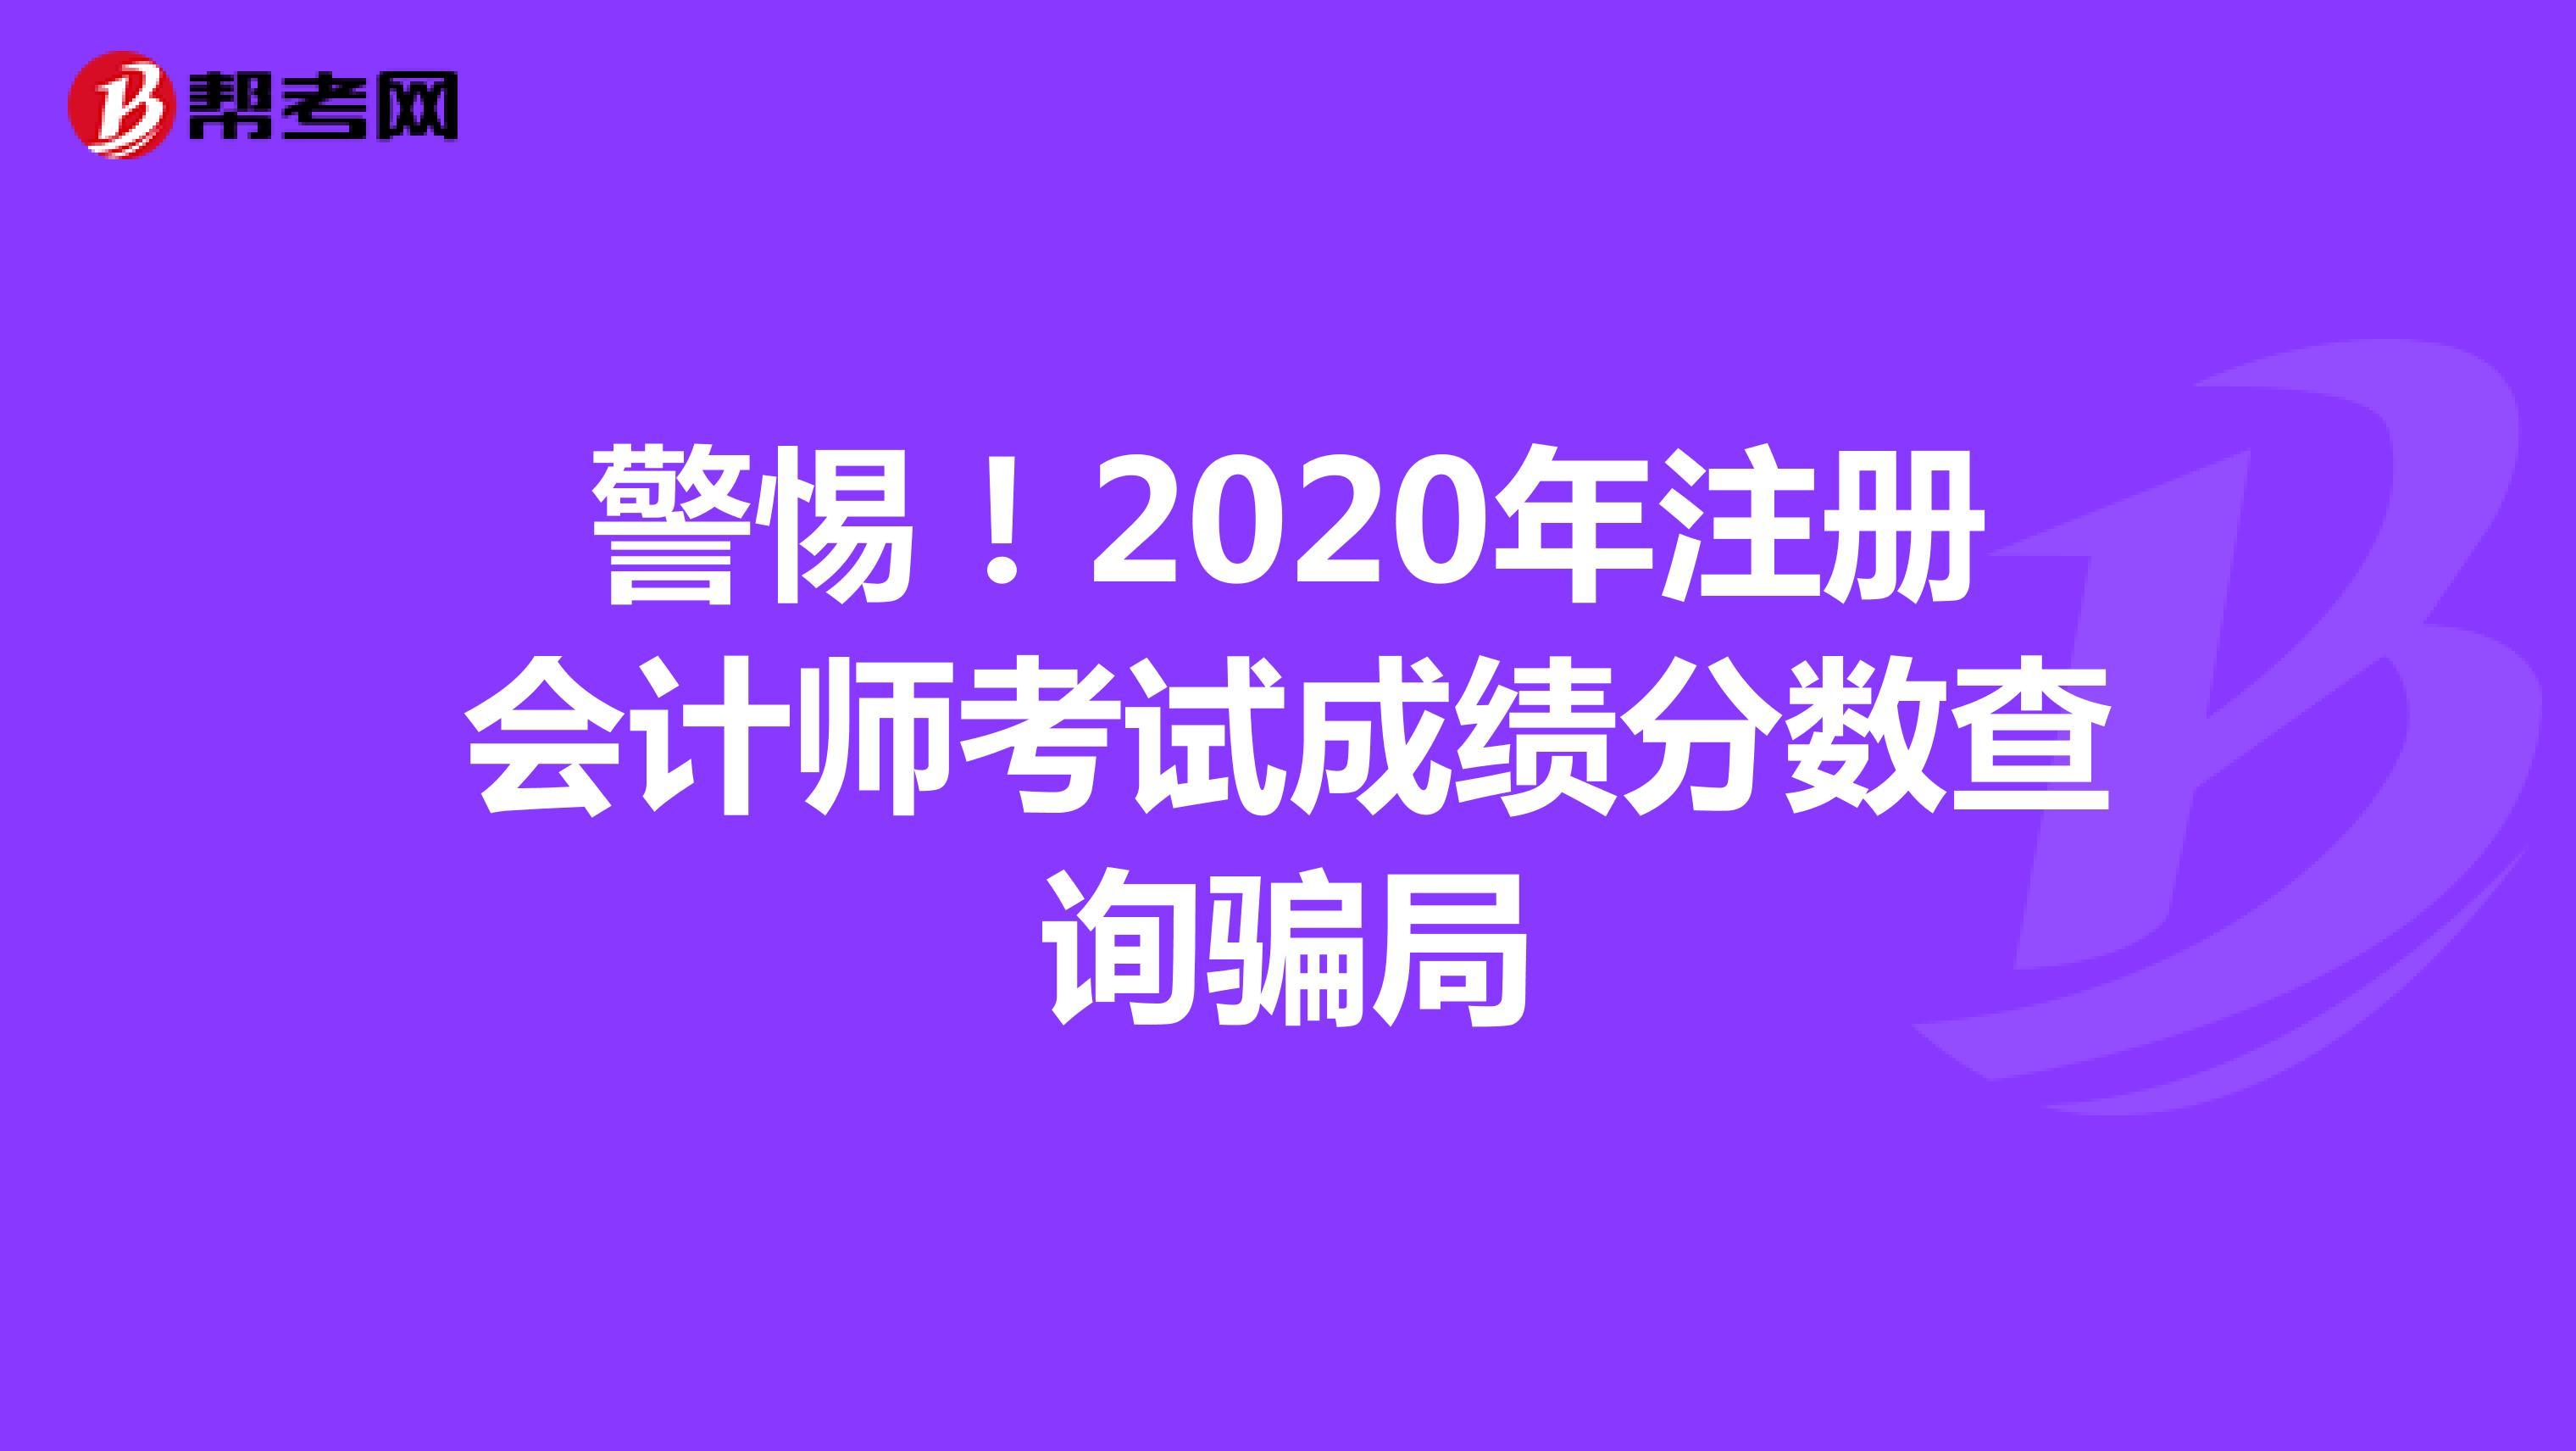 警惕!2020年注册会计师Beplay官方成绩分数查询骗局